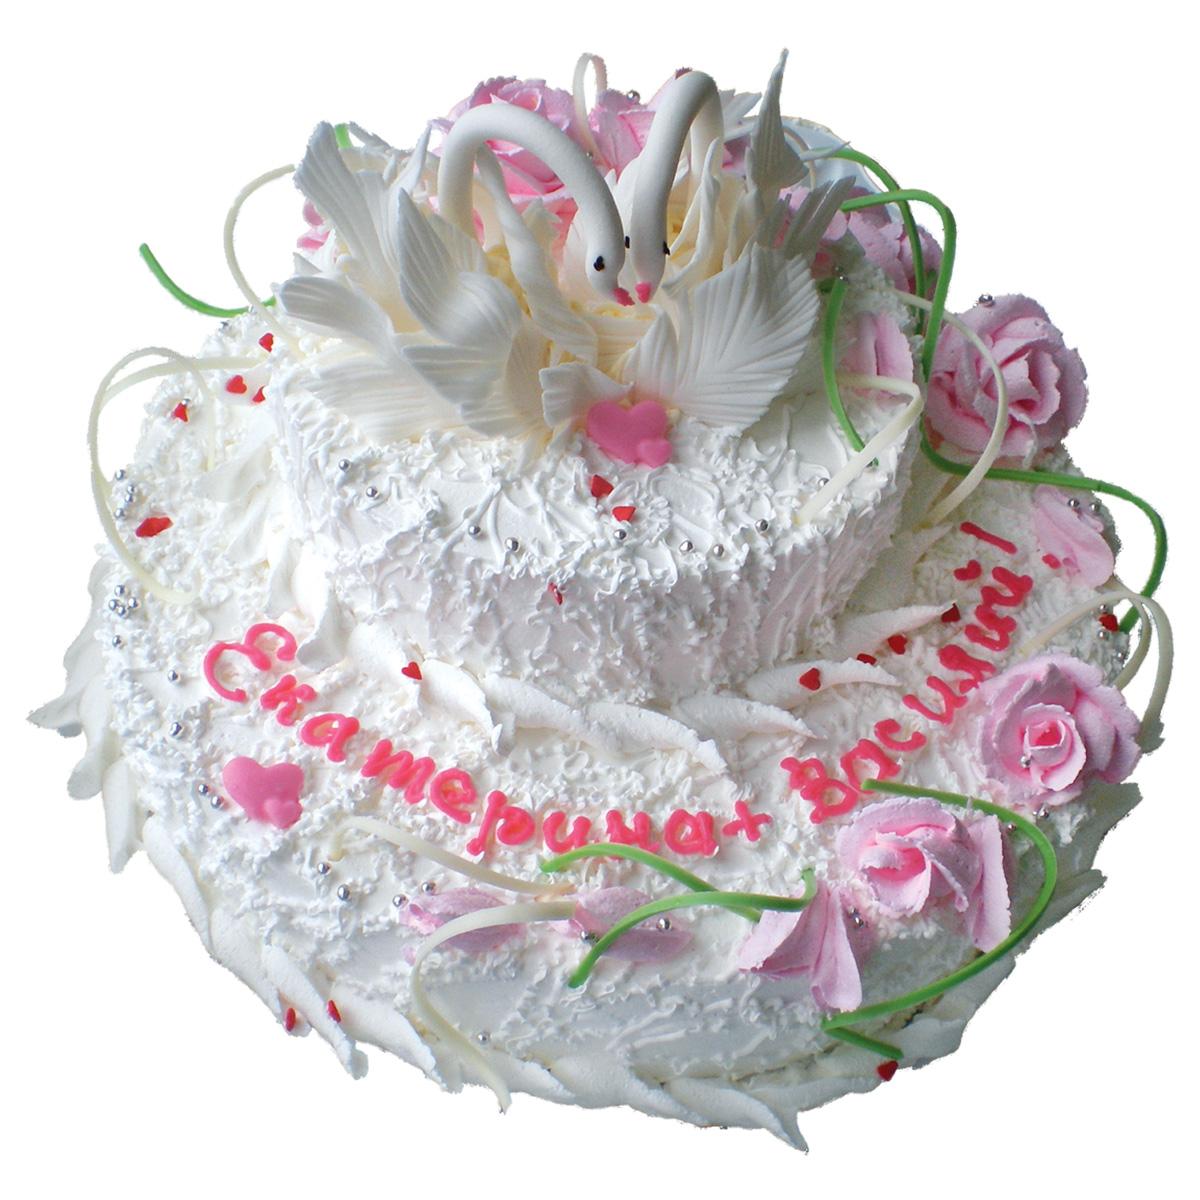 Лебеди из крема. Украшение торта Тонины тортики 21